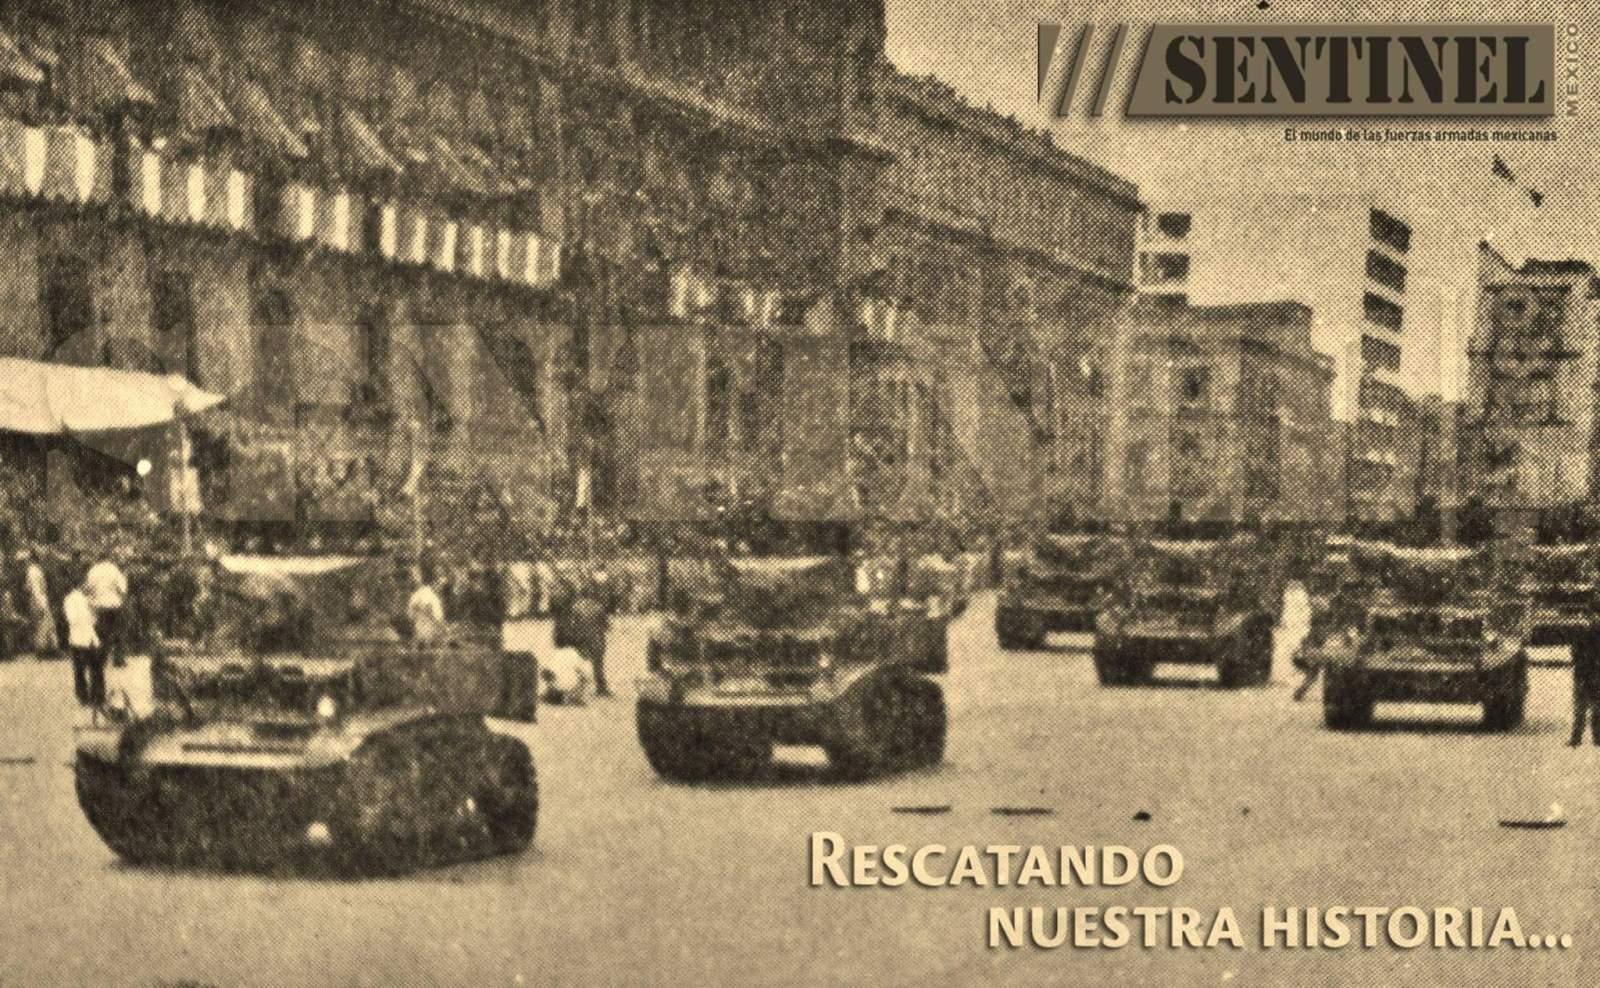 fotos vintage de las Fuerzas armadas mexicanas - Página 8 1yr8dy